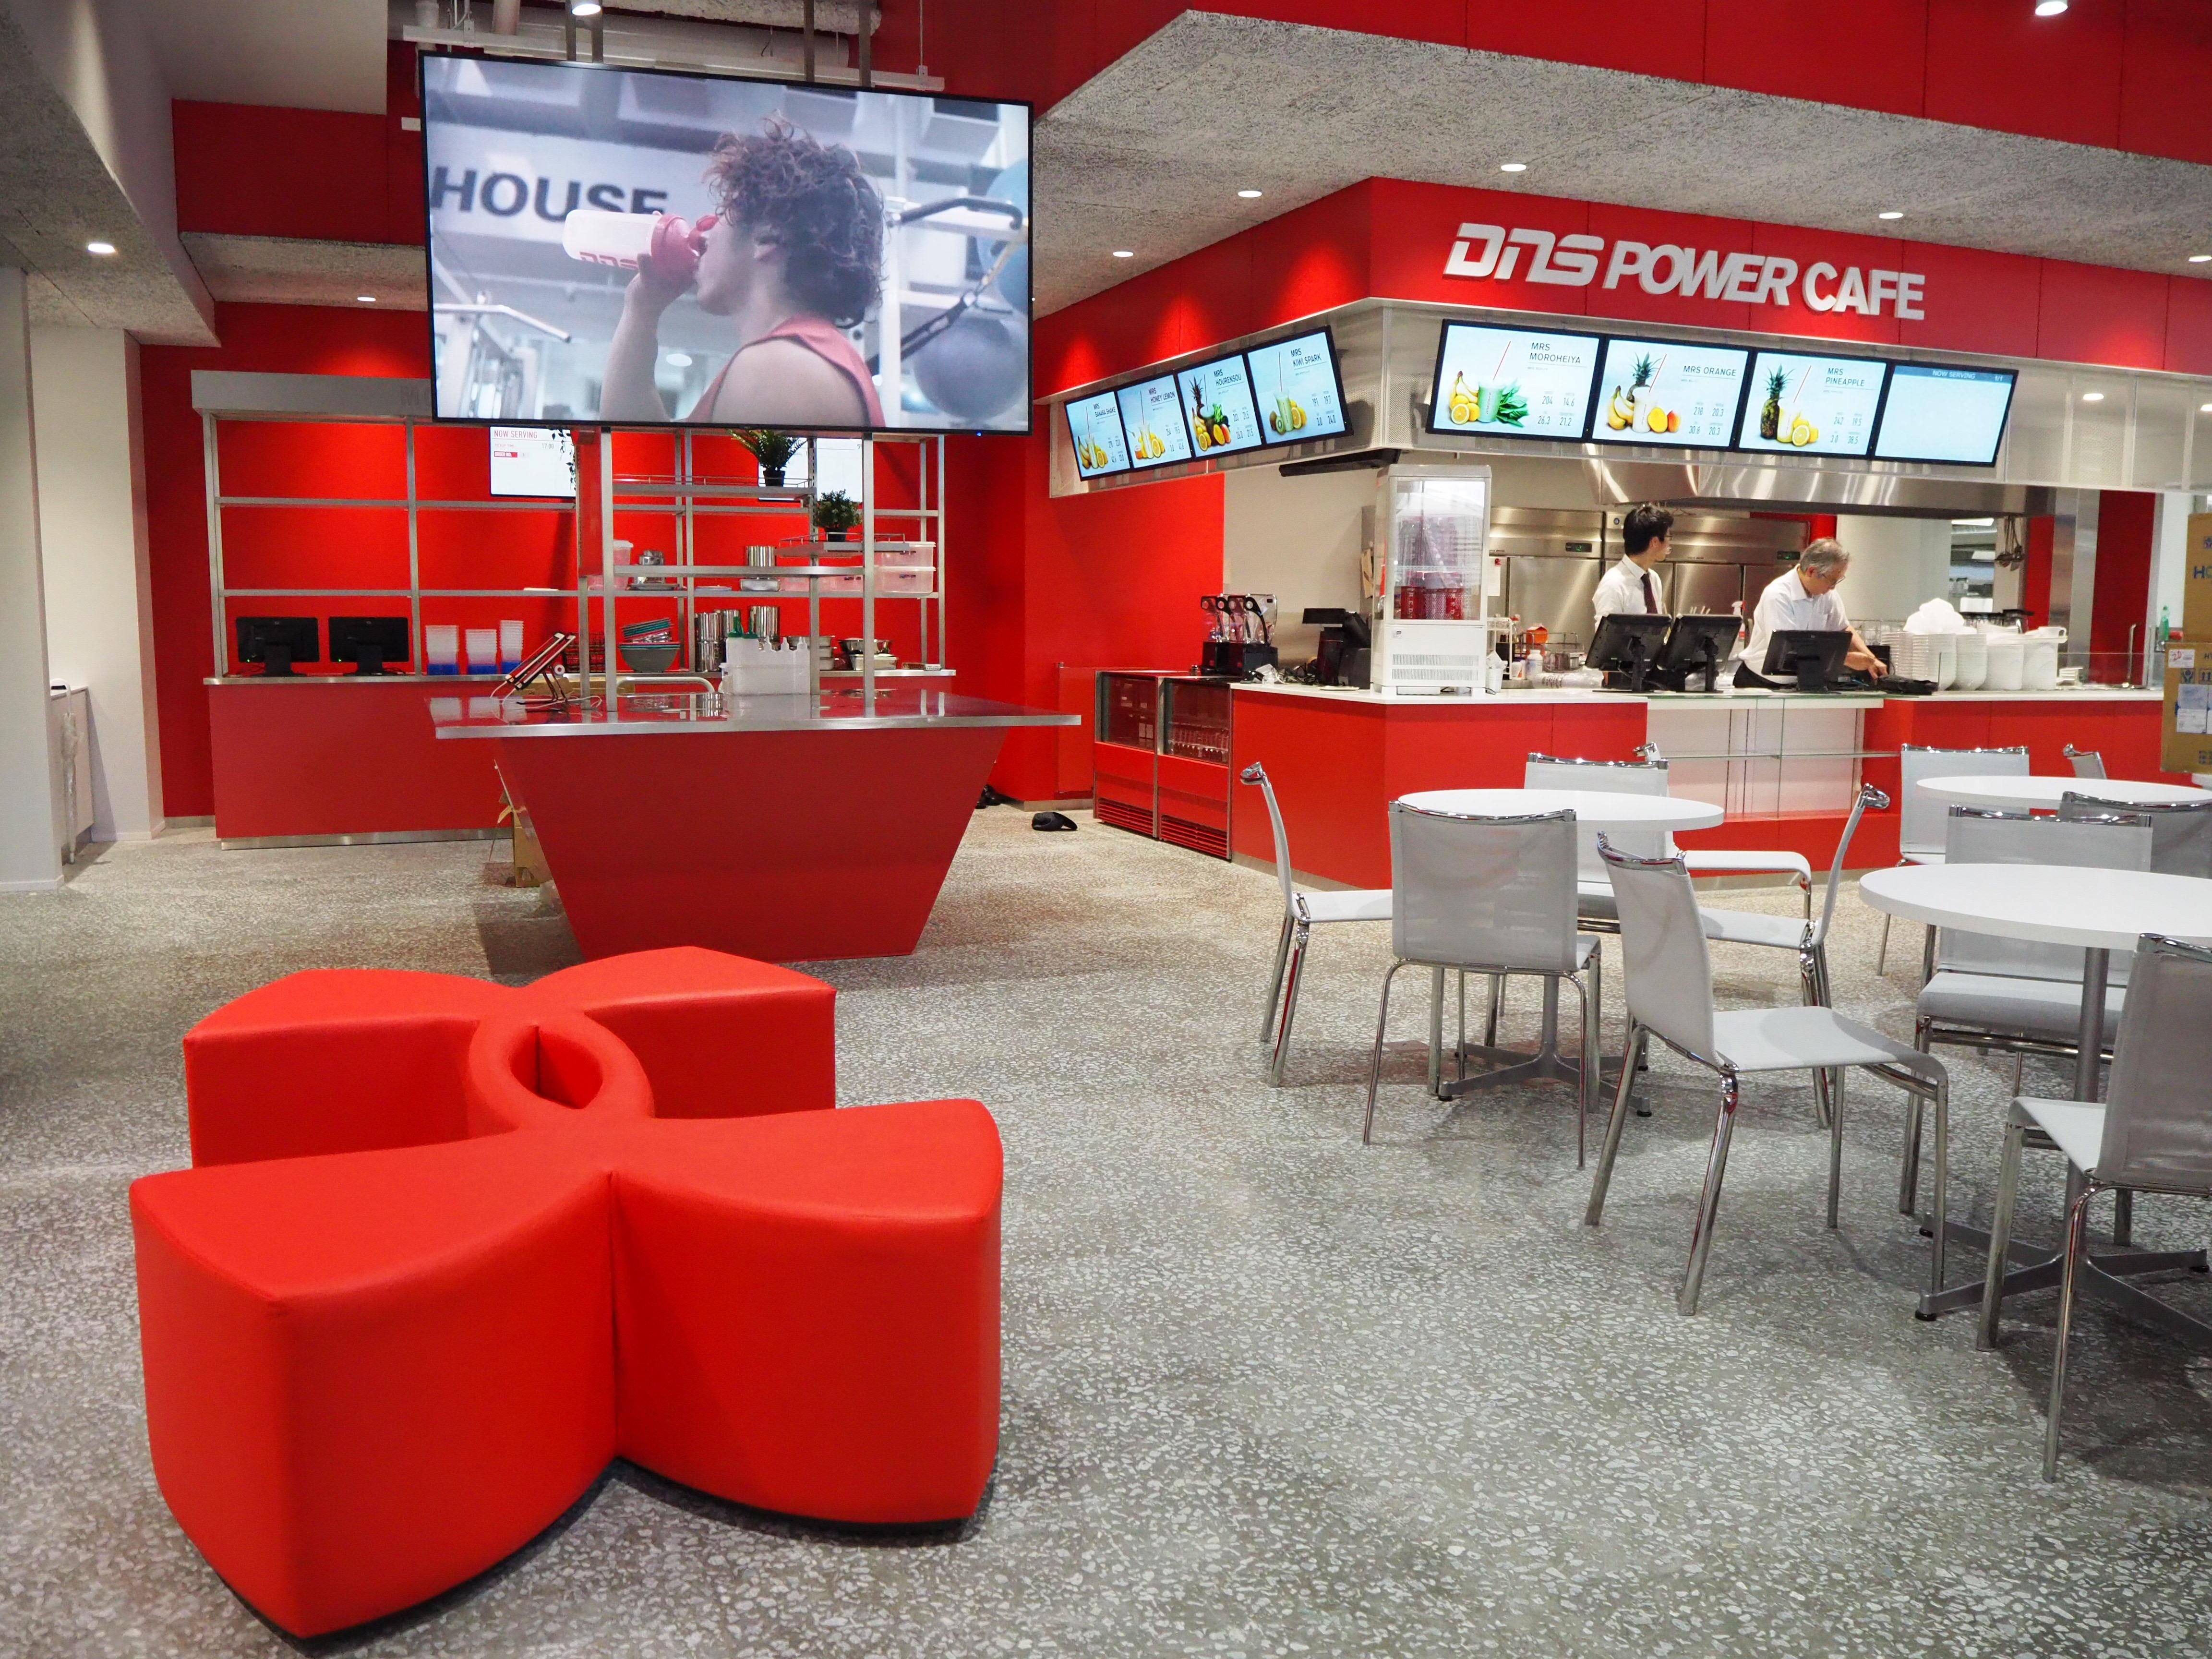 次世代型新食堂 9/12 OPEN! アプリでのカスタマイズ注文やキャッシュレス決済が可能に 米国アンダーアーマーを日本で展開する(株)ドーム監修 日本の大学初 プロテイン入りのメニューも販売